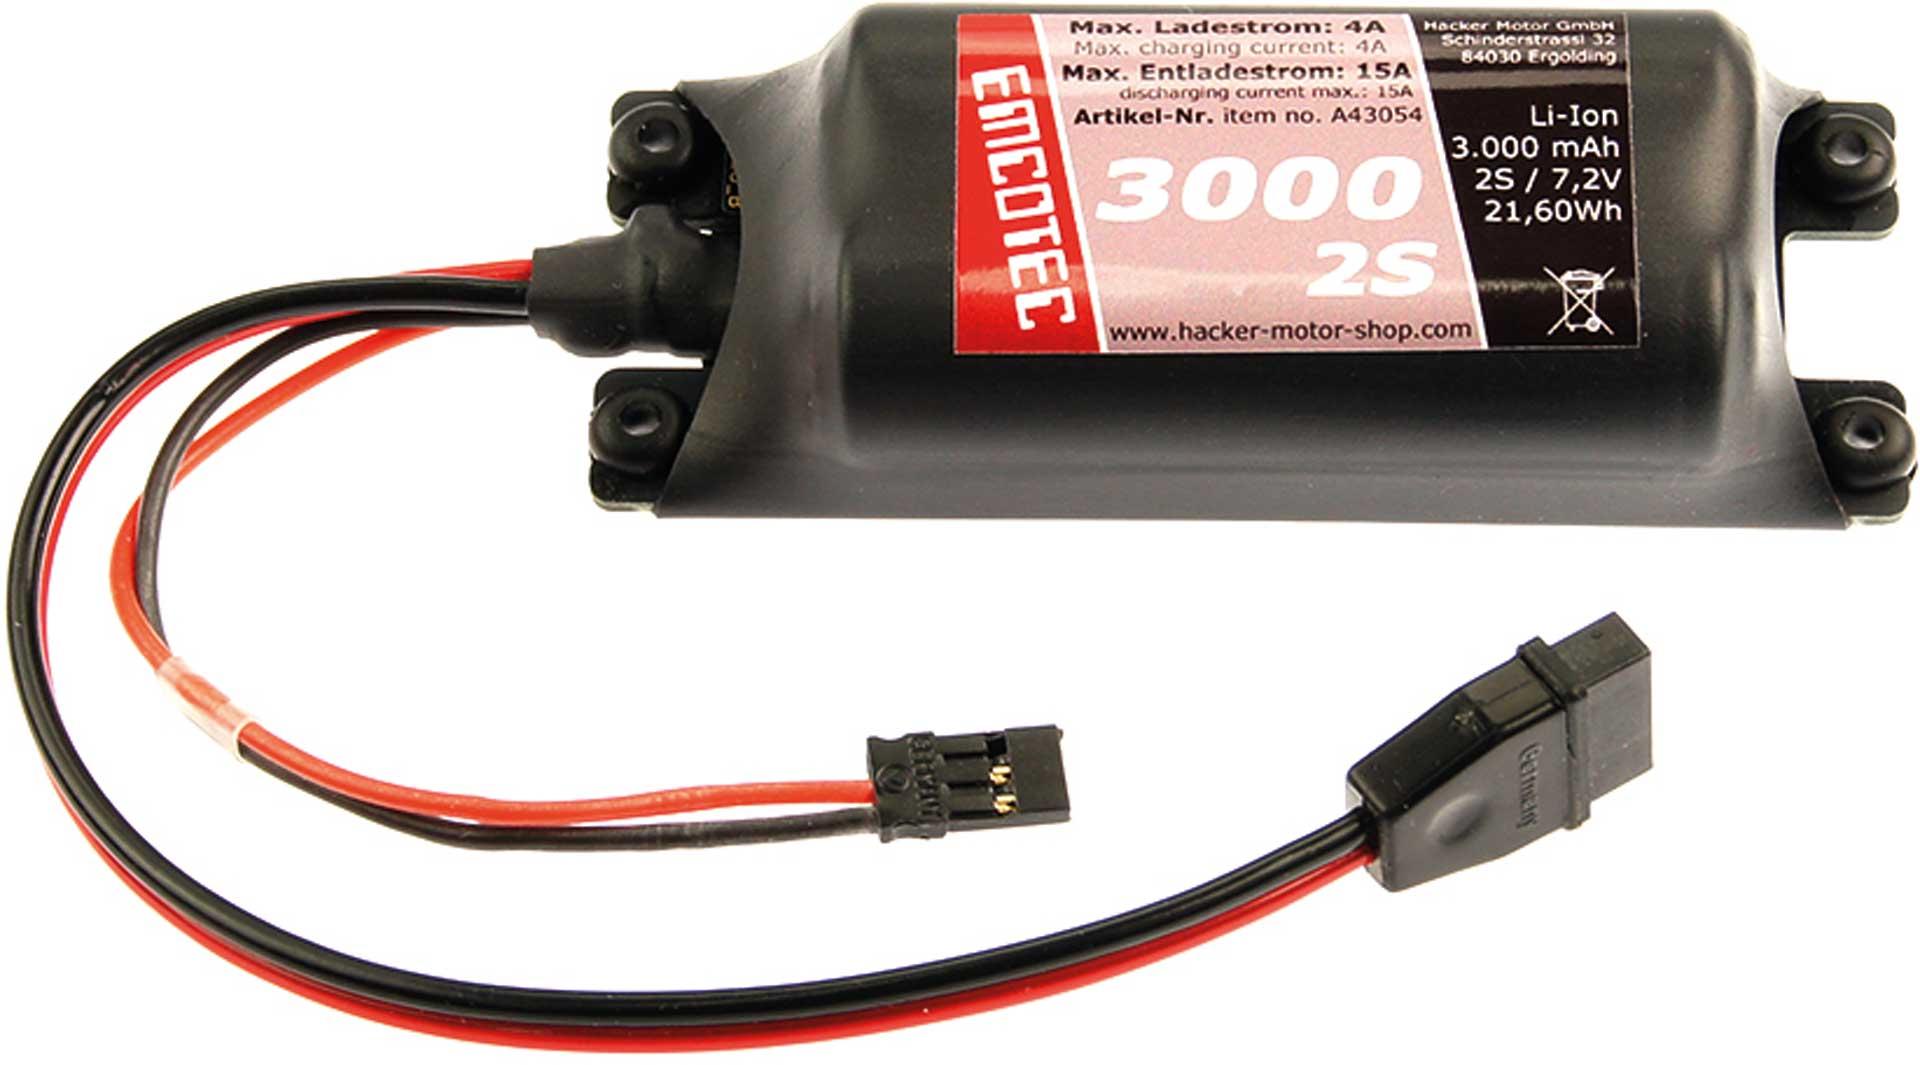 Emcotec LiIon-Akku 3000mAh 7,2V 2S Compact 15A Platine